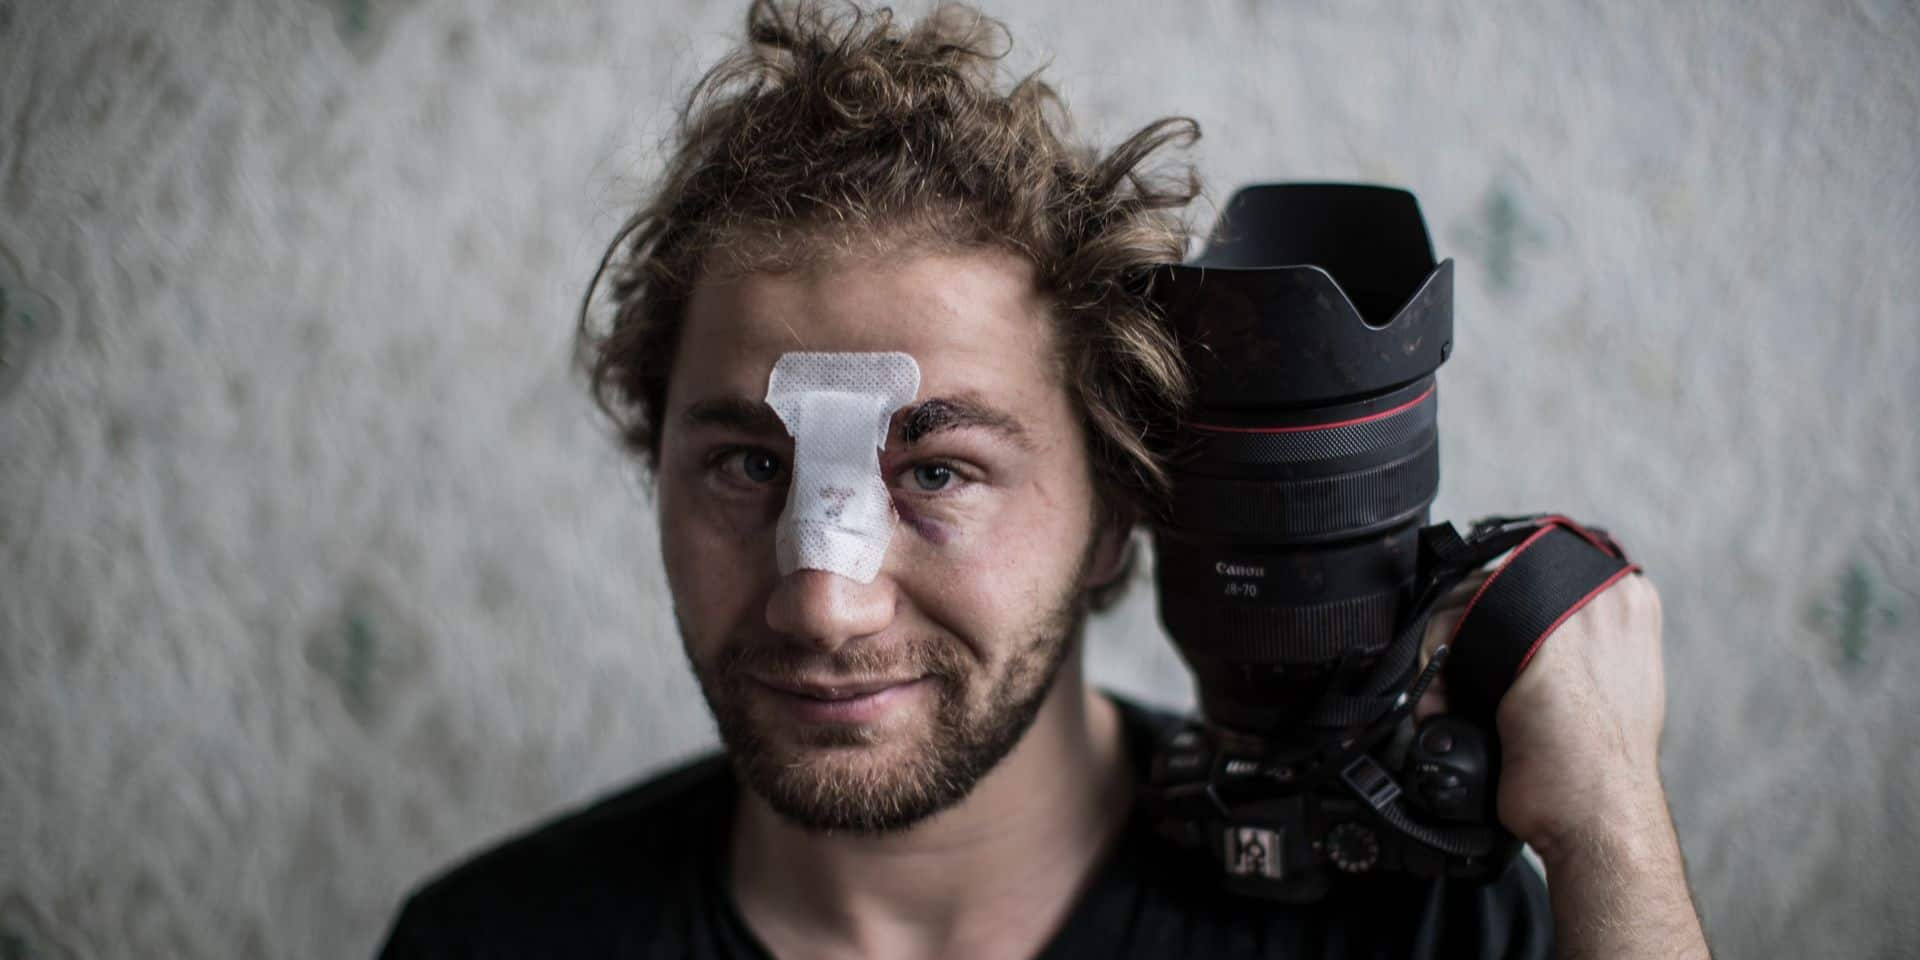 Ouverture d'une enquête pour le photographe syrien blessé samedi à Paris